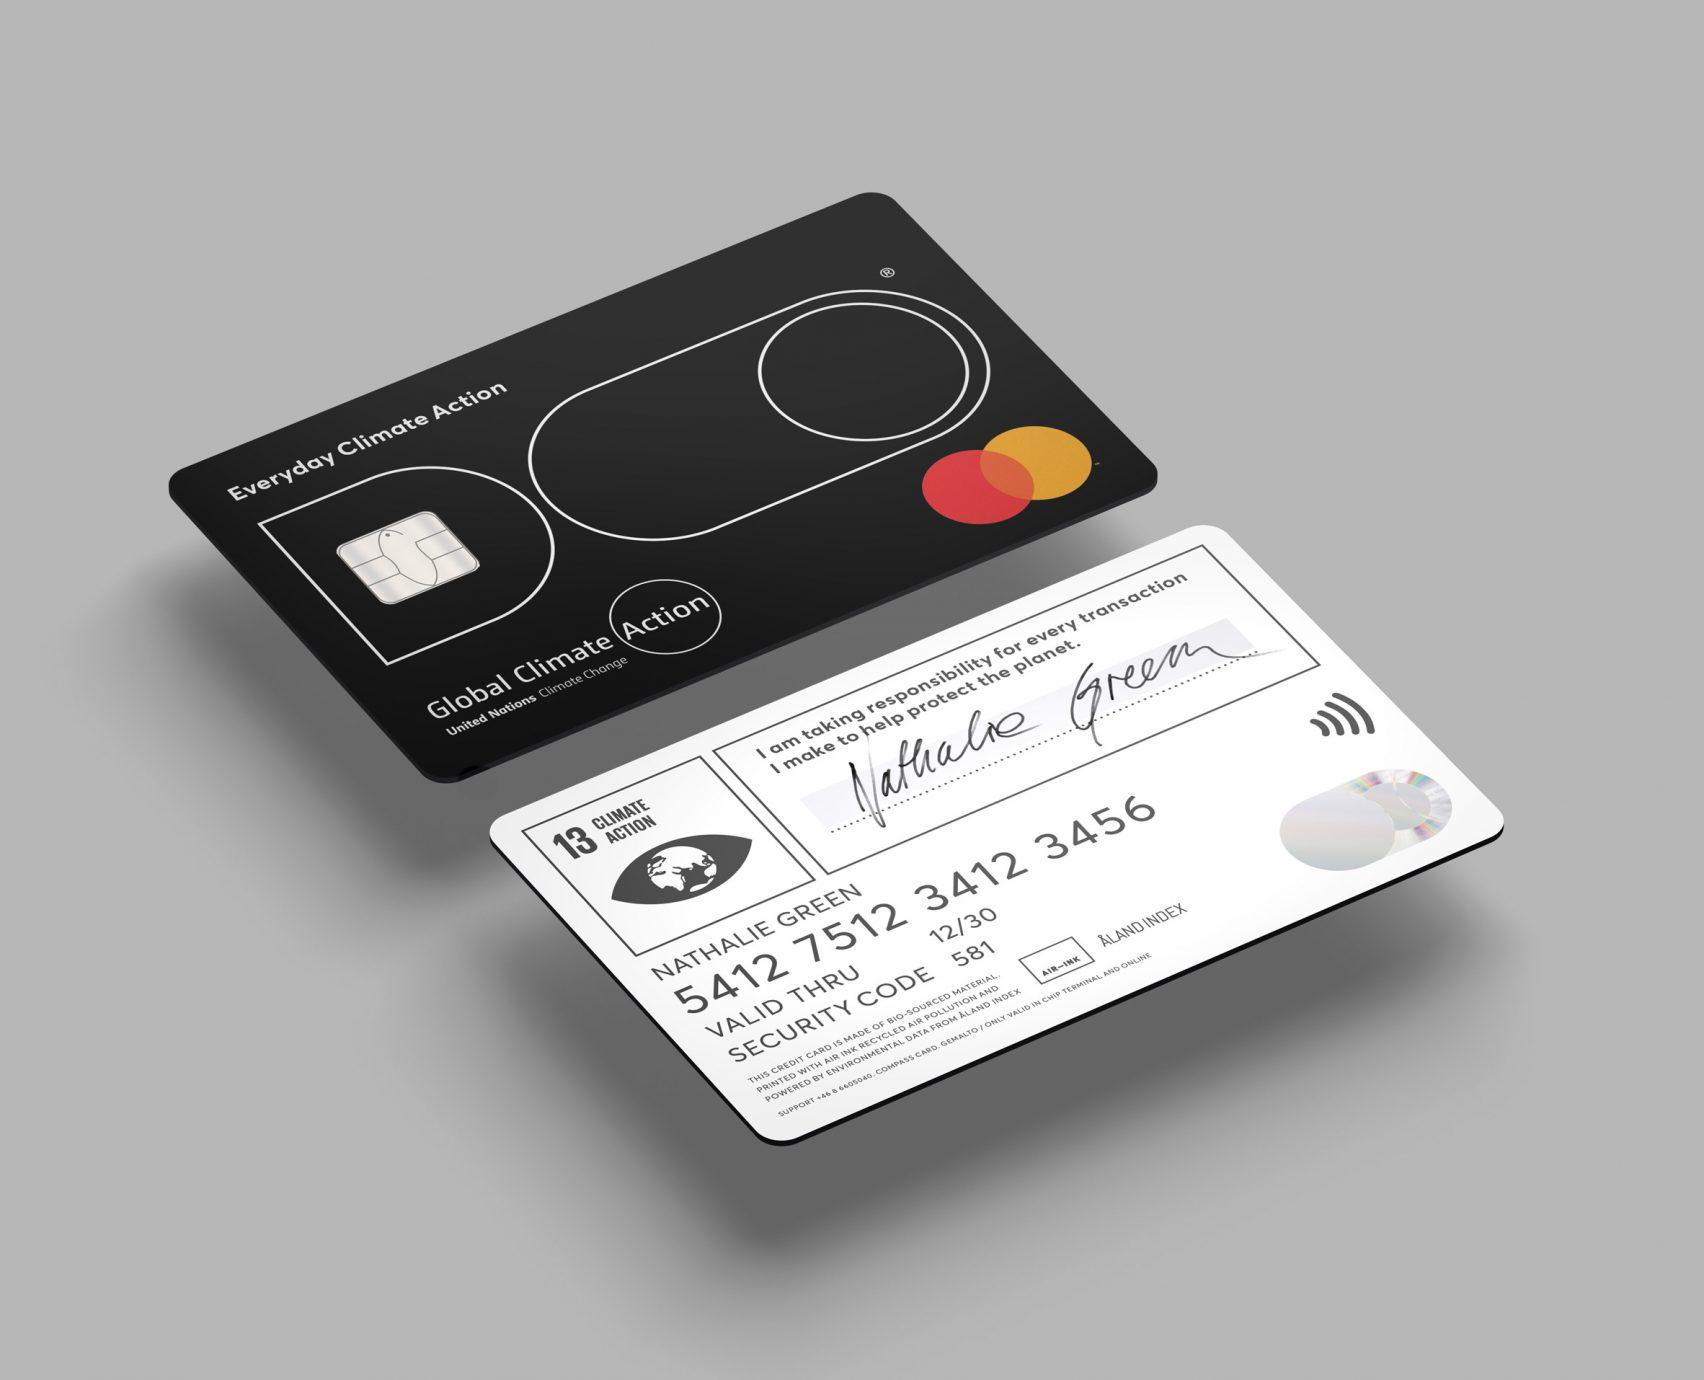 탄소배출 소비 상한선정하는 신용카드, DO 블랙